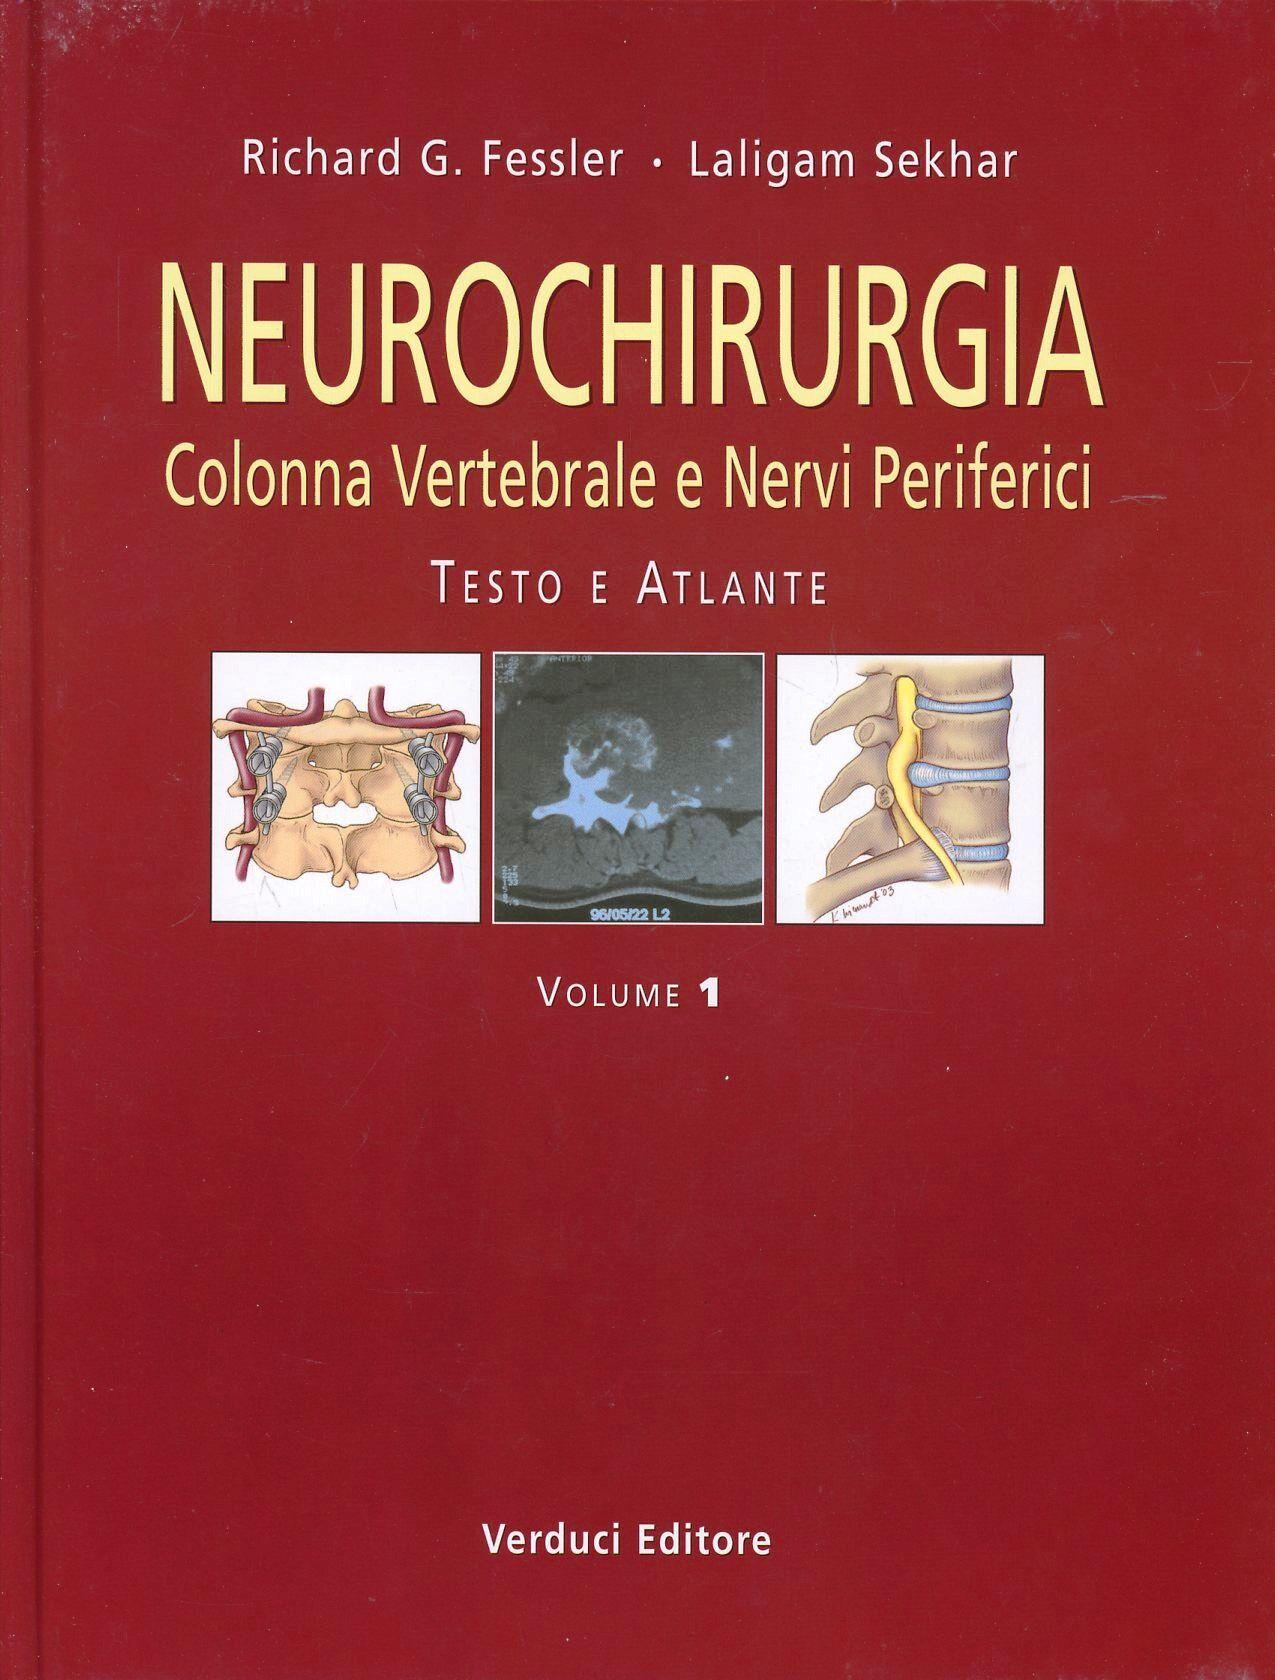 Neurochirurgia. Colonna vertebrale e nervi periferici